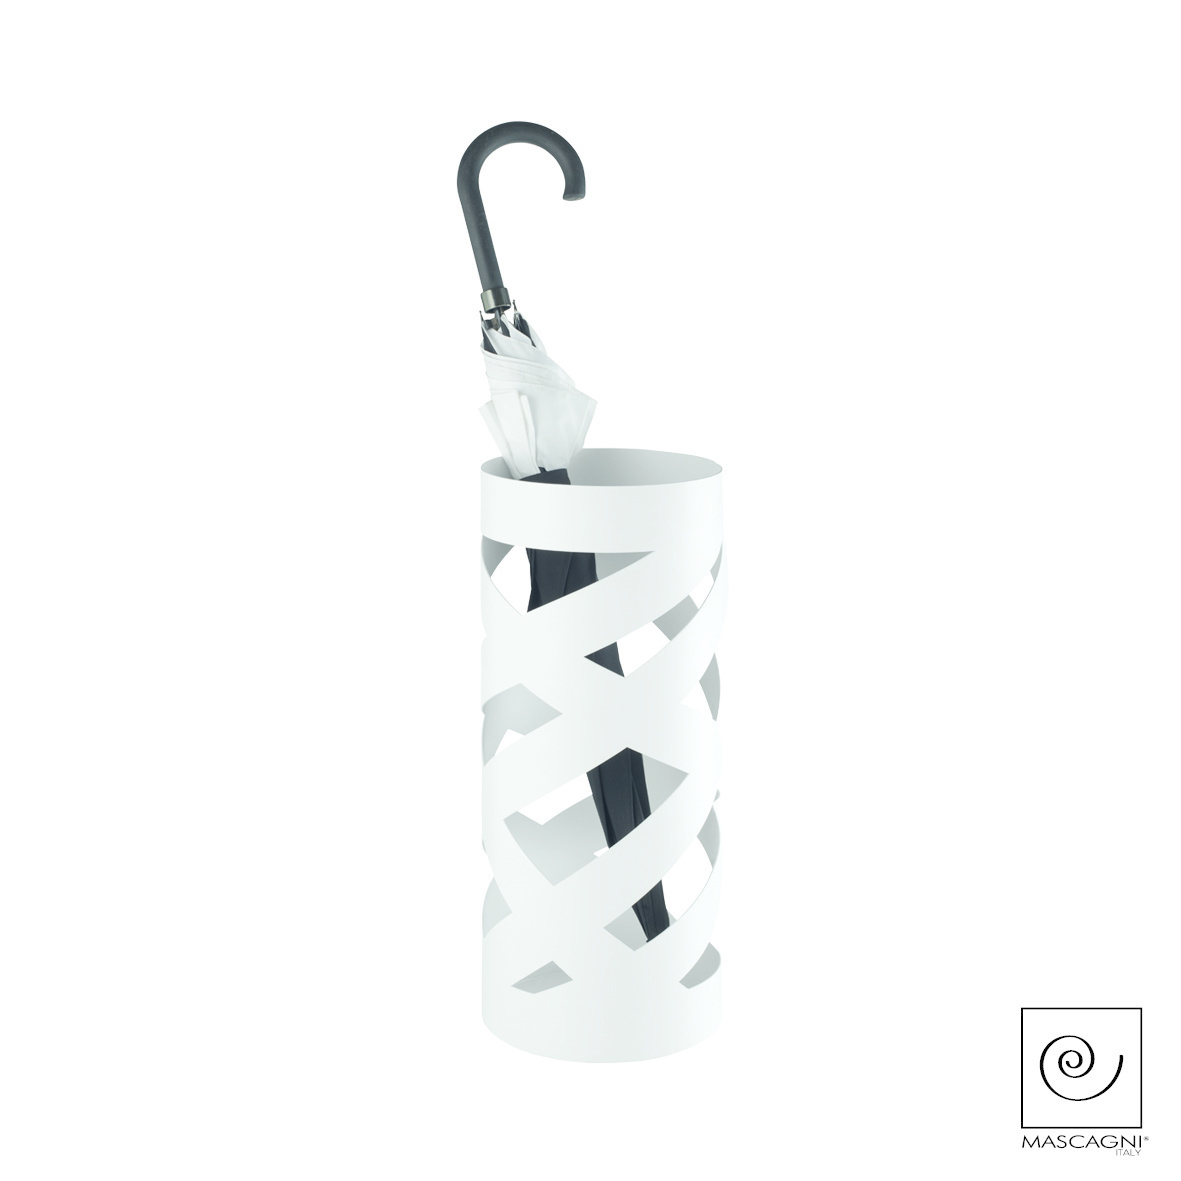 Art Mascagni SLASH2 UMBRELLA STAND - COL.WHITE